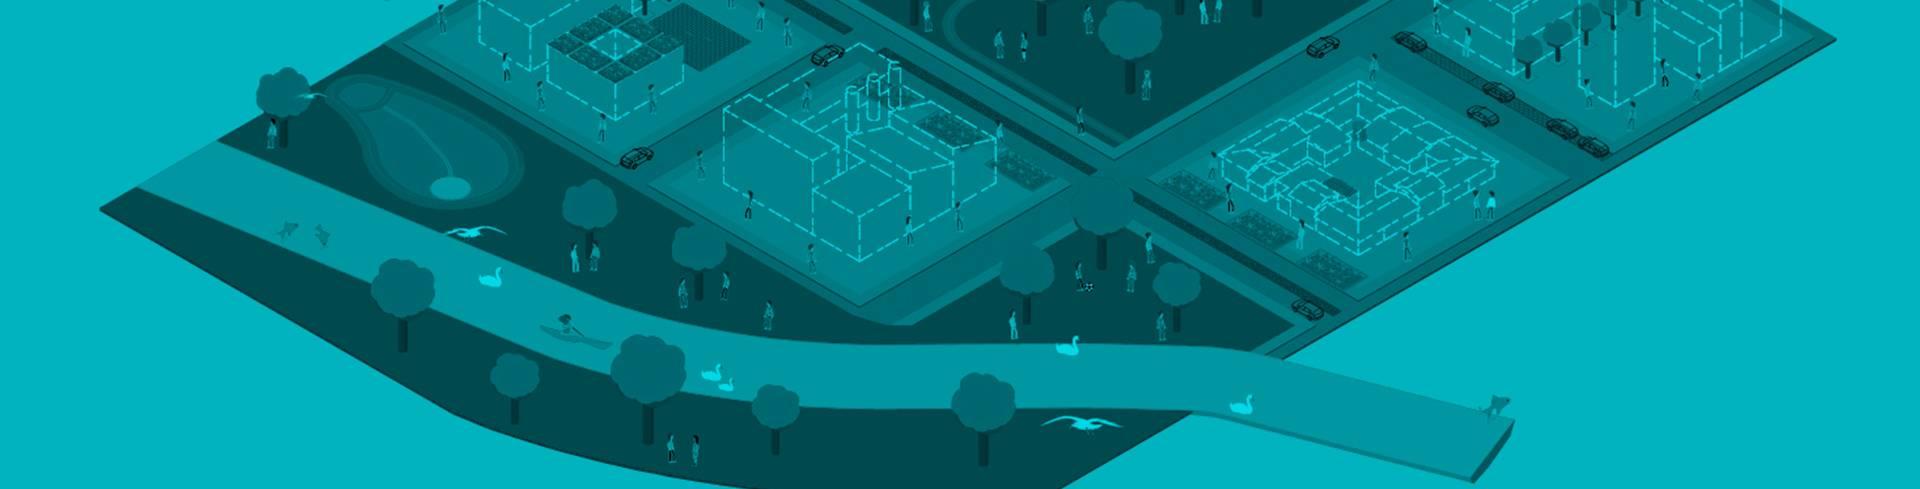 Curso Diseño de Sistemas de Drenaje Urbano Sostenible (SUDS): Aspectos Básicos